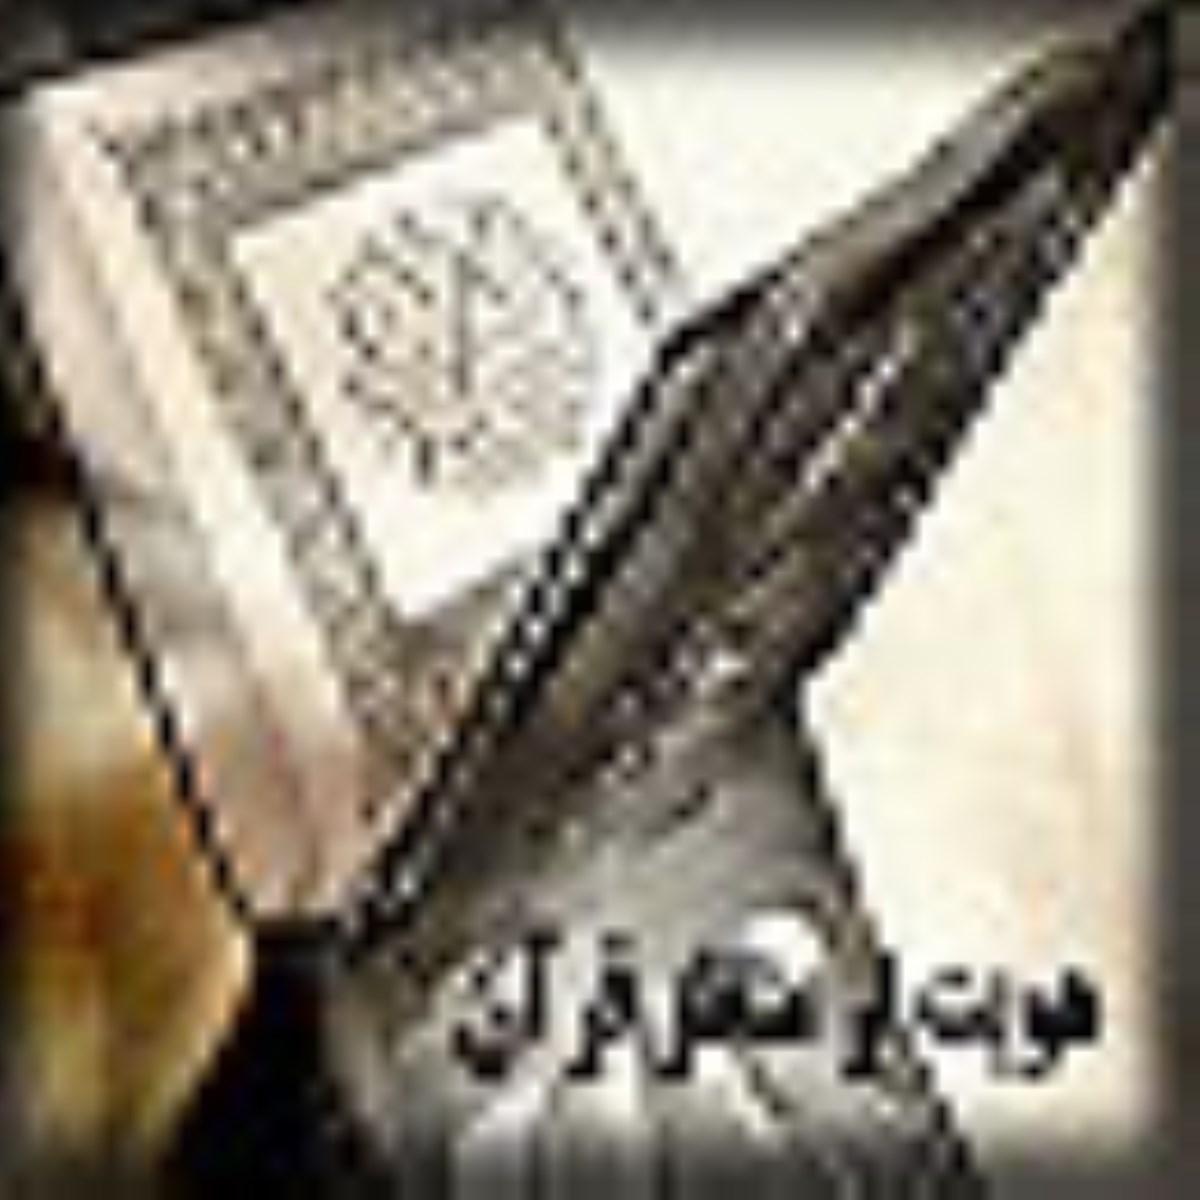 هويت از منظر قرآن و فلاسفه